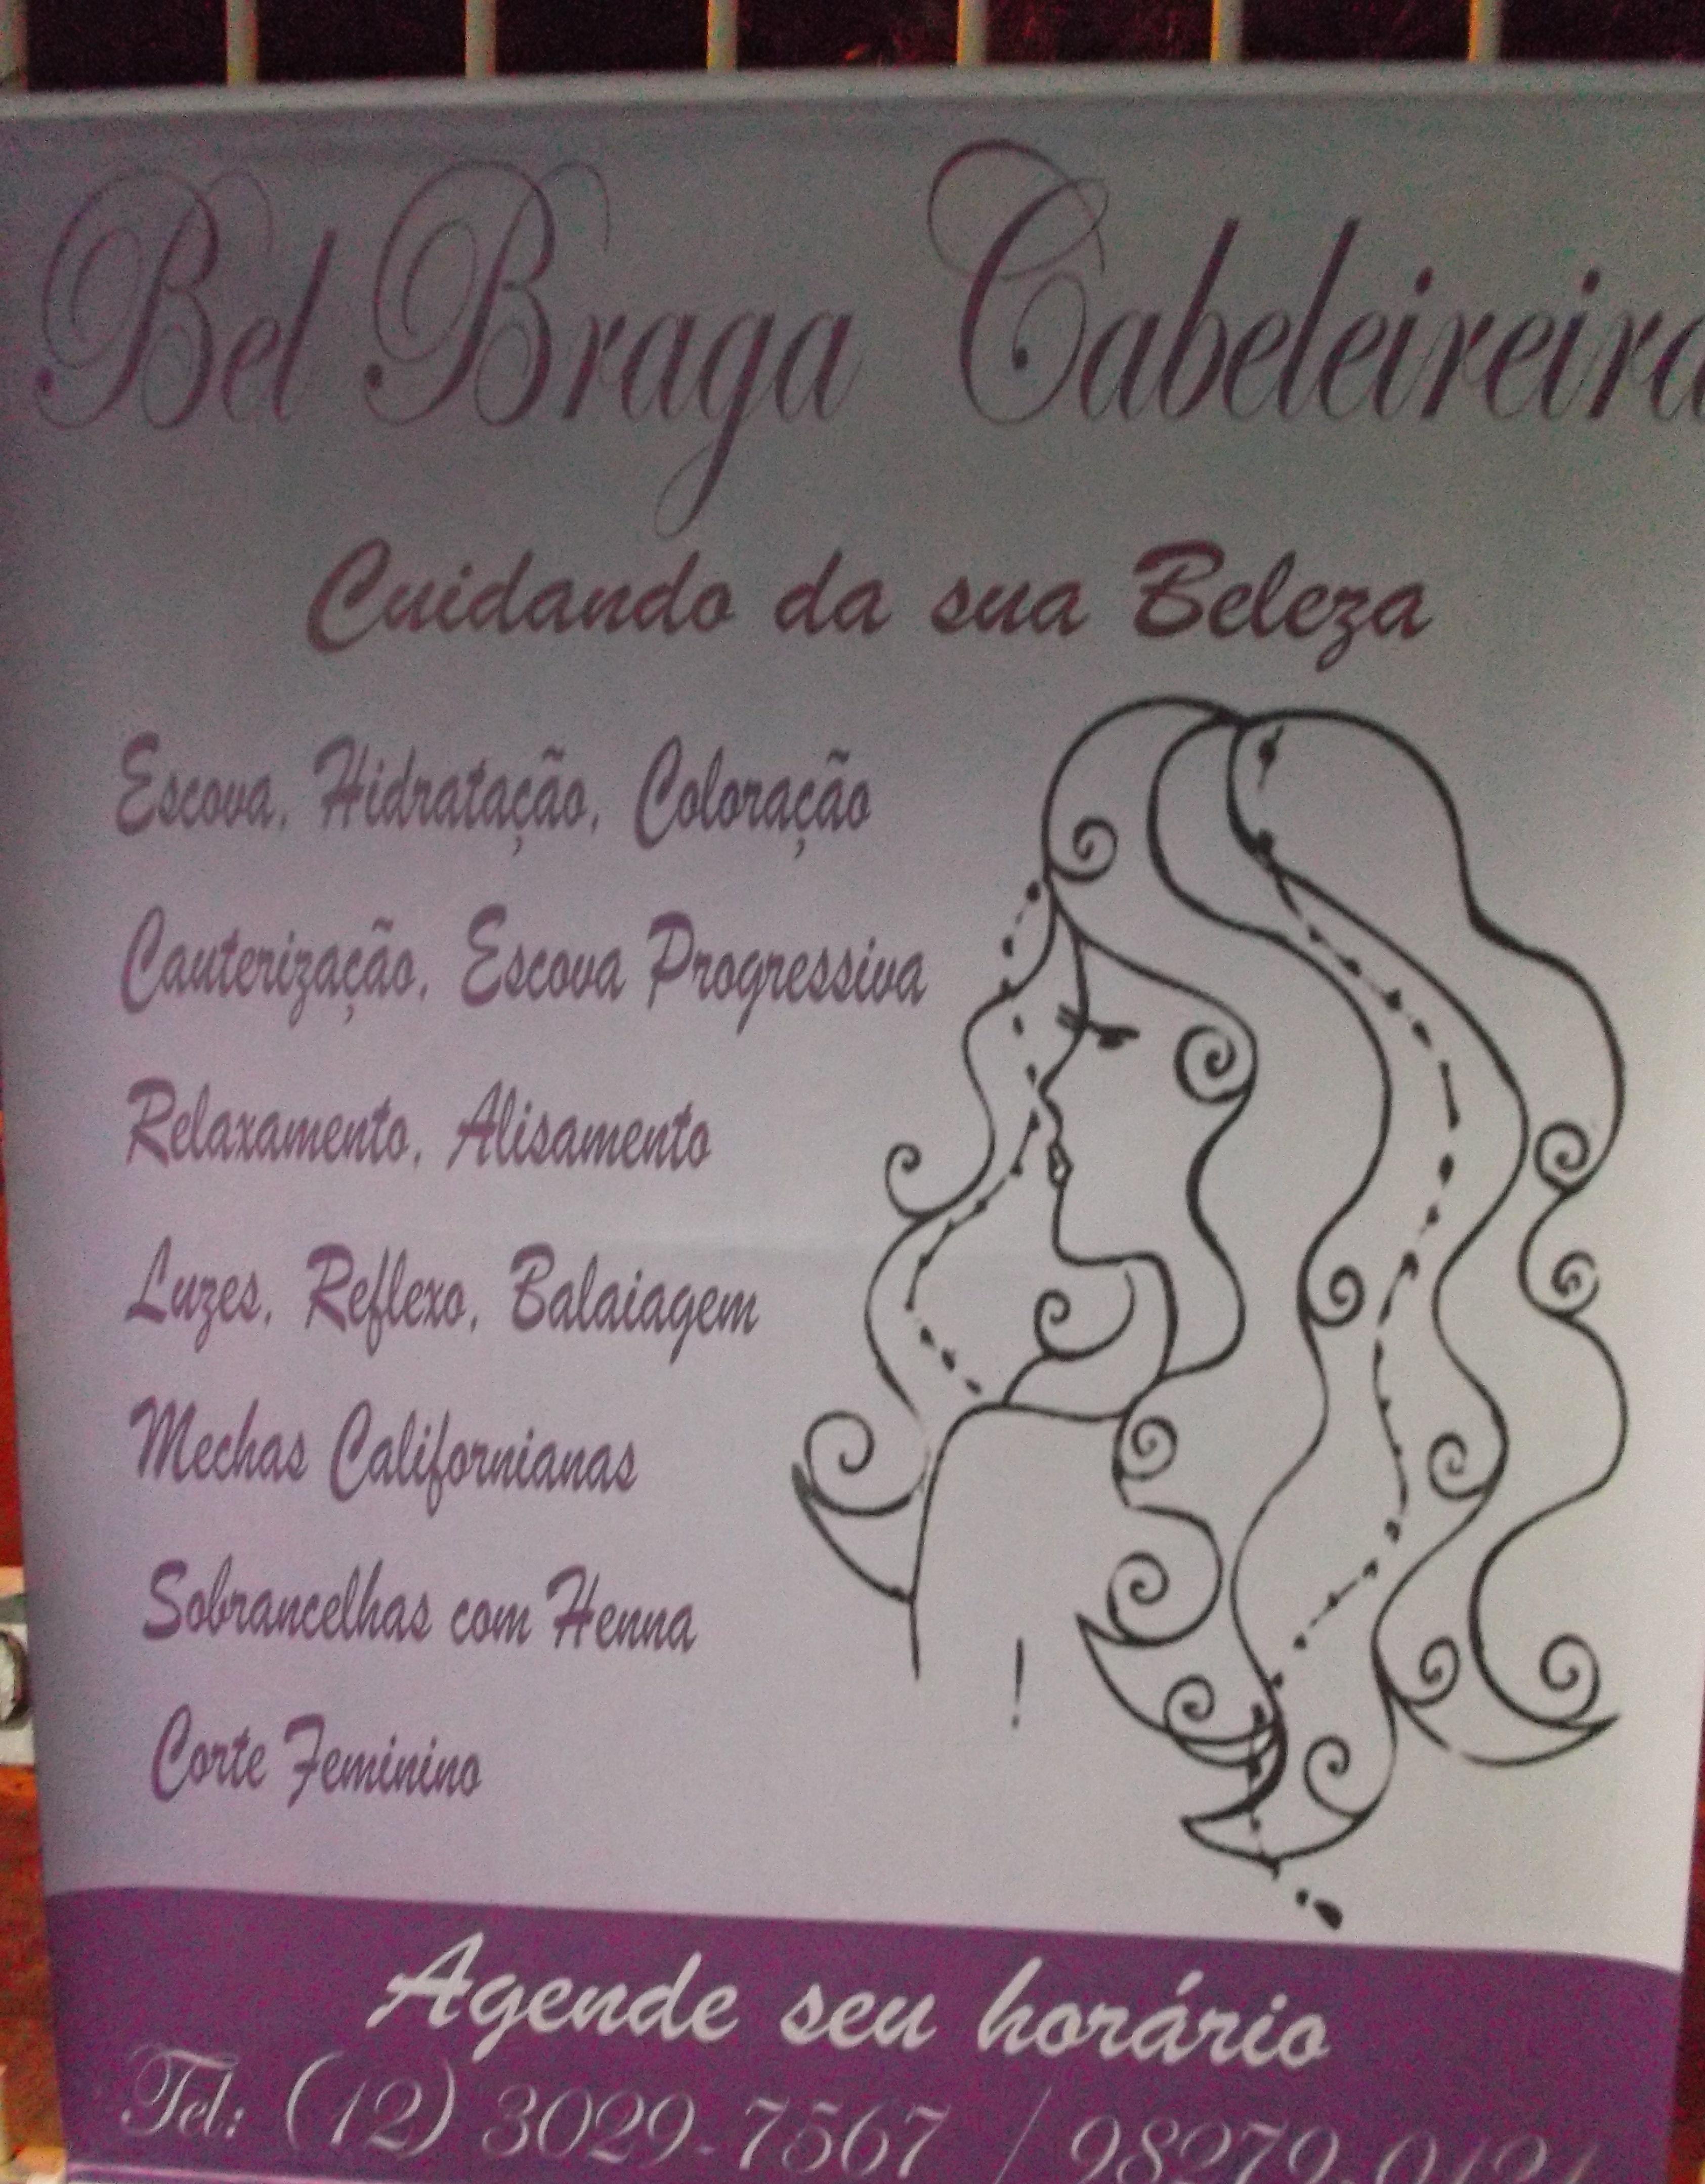 Bel Braga Cabeleireira Cuidando da sua Beleza cabeleireiro(a)